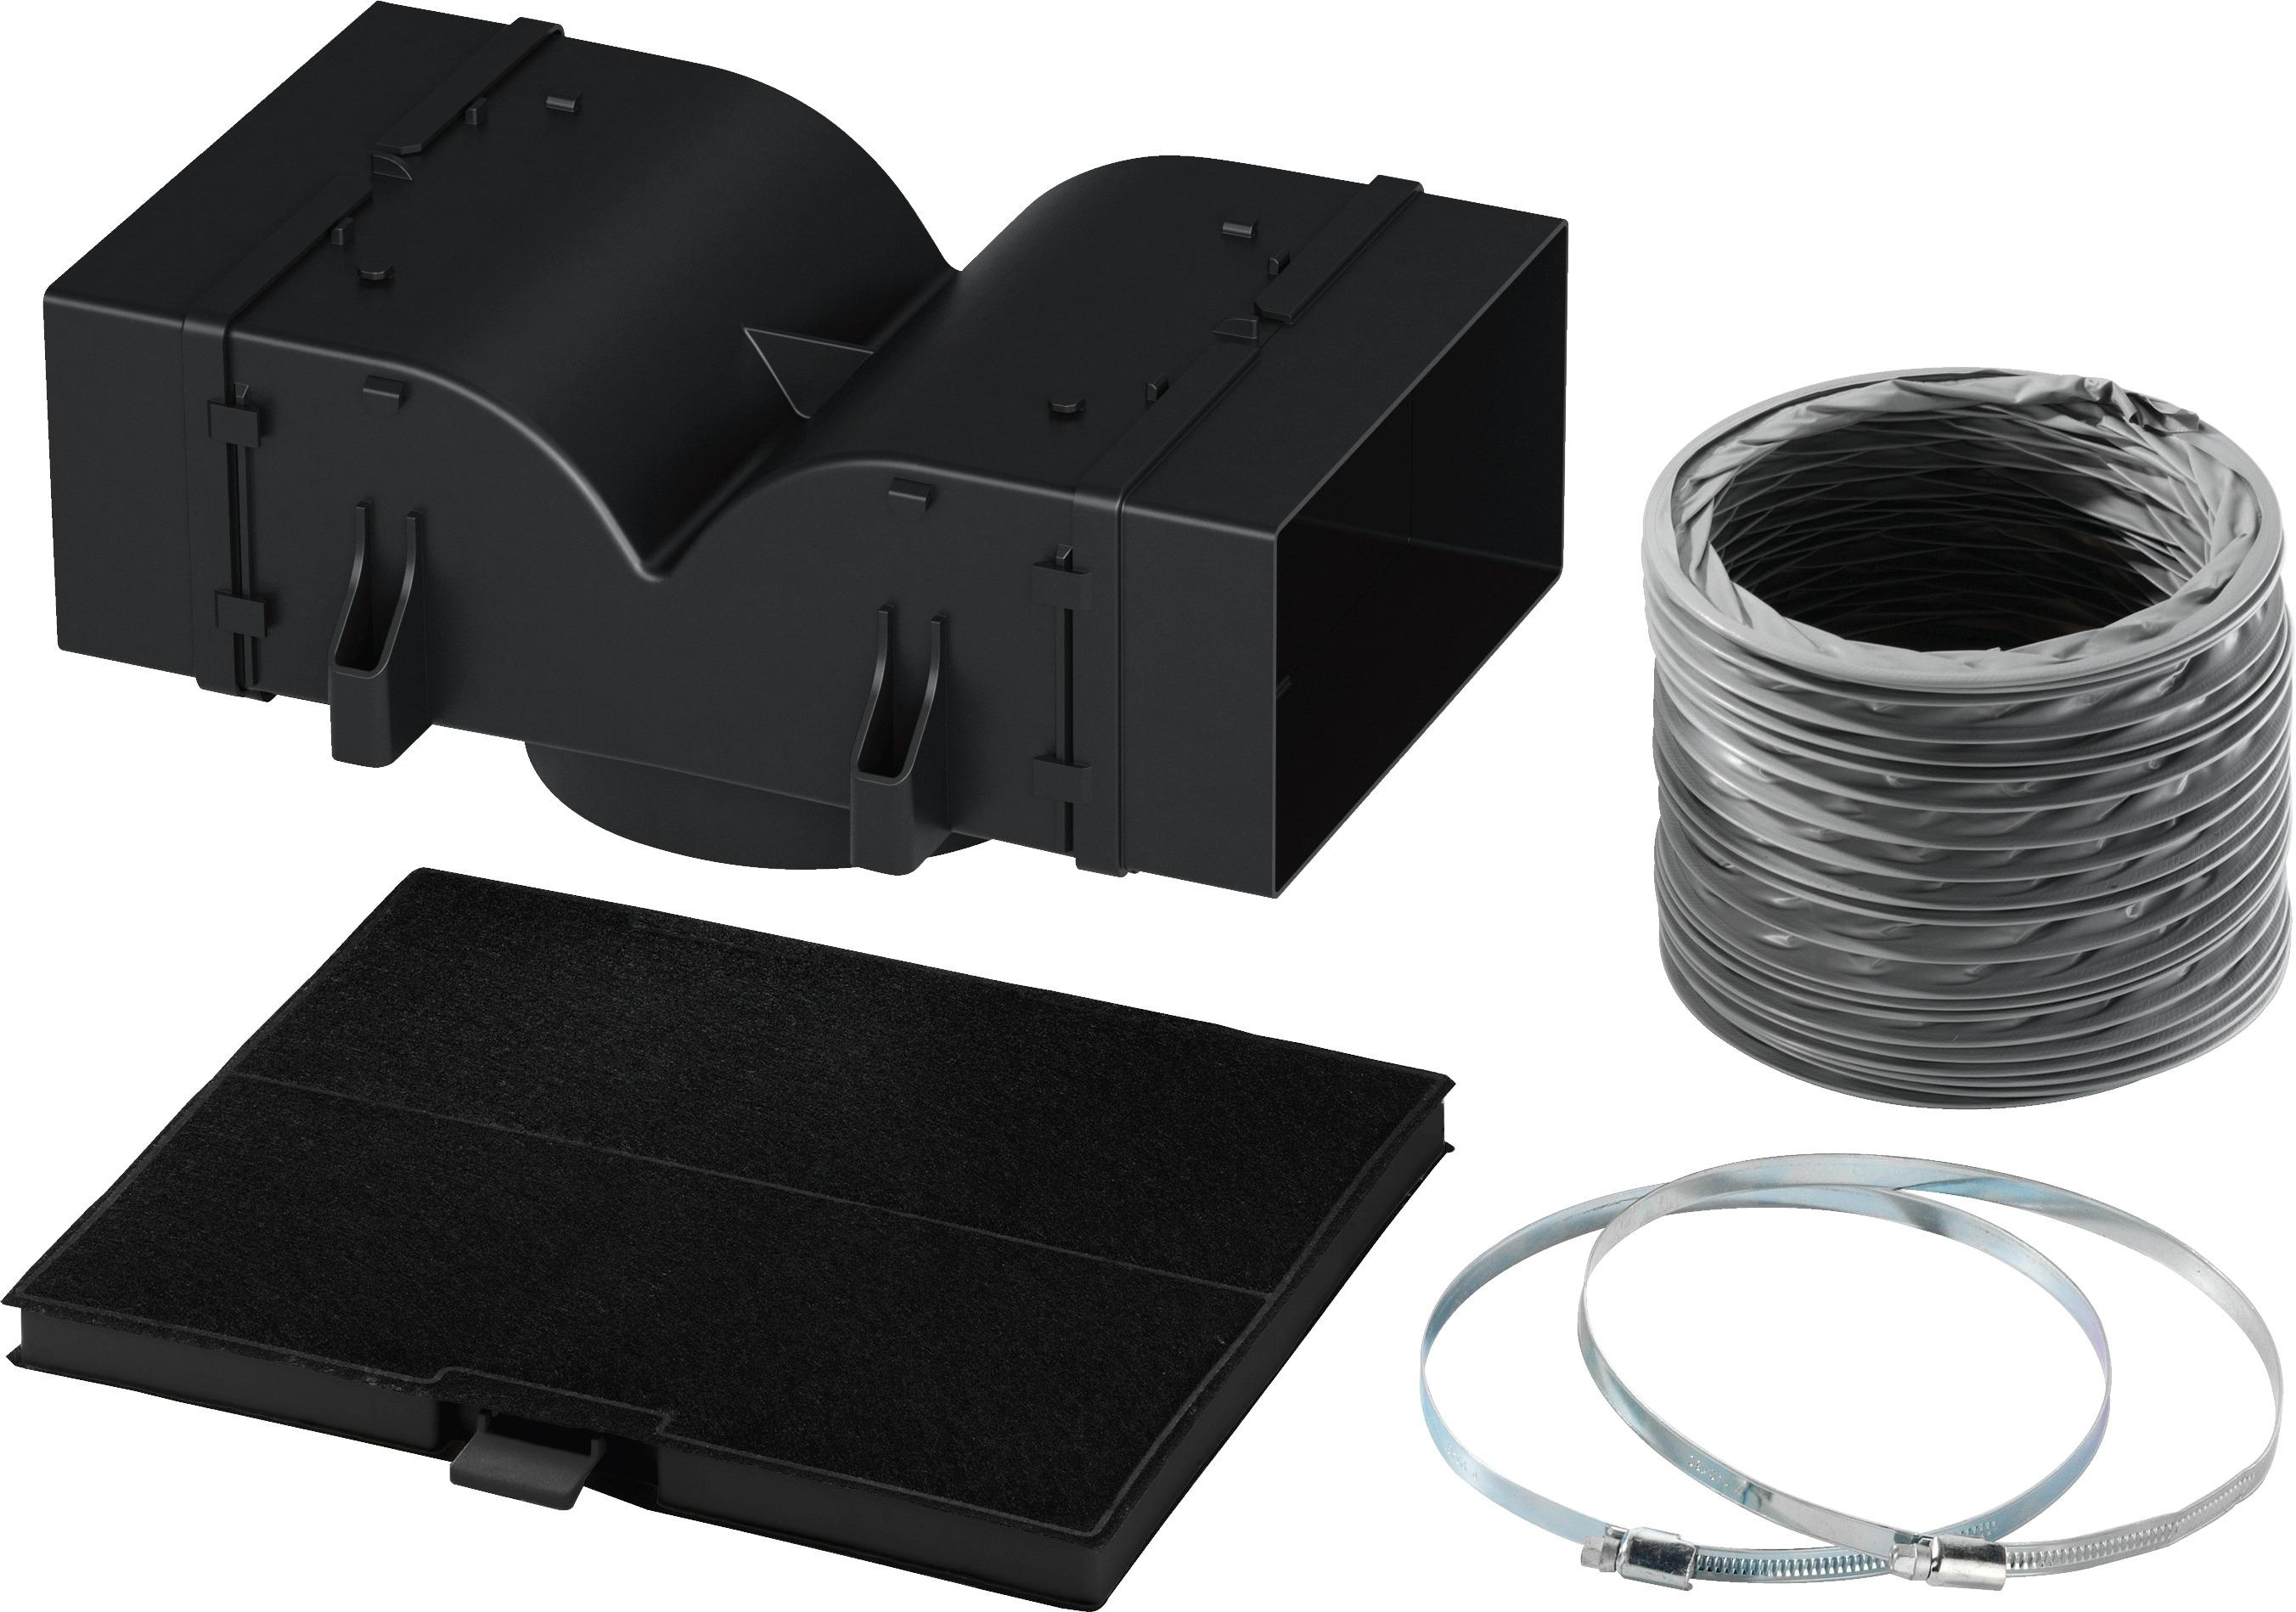 Op Perfect Plasma is alles over algemeen te vinden: waaronder expert en specifiek Siemens LZ53450 Afzuigkap accessoire Zwart